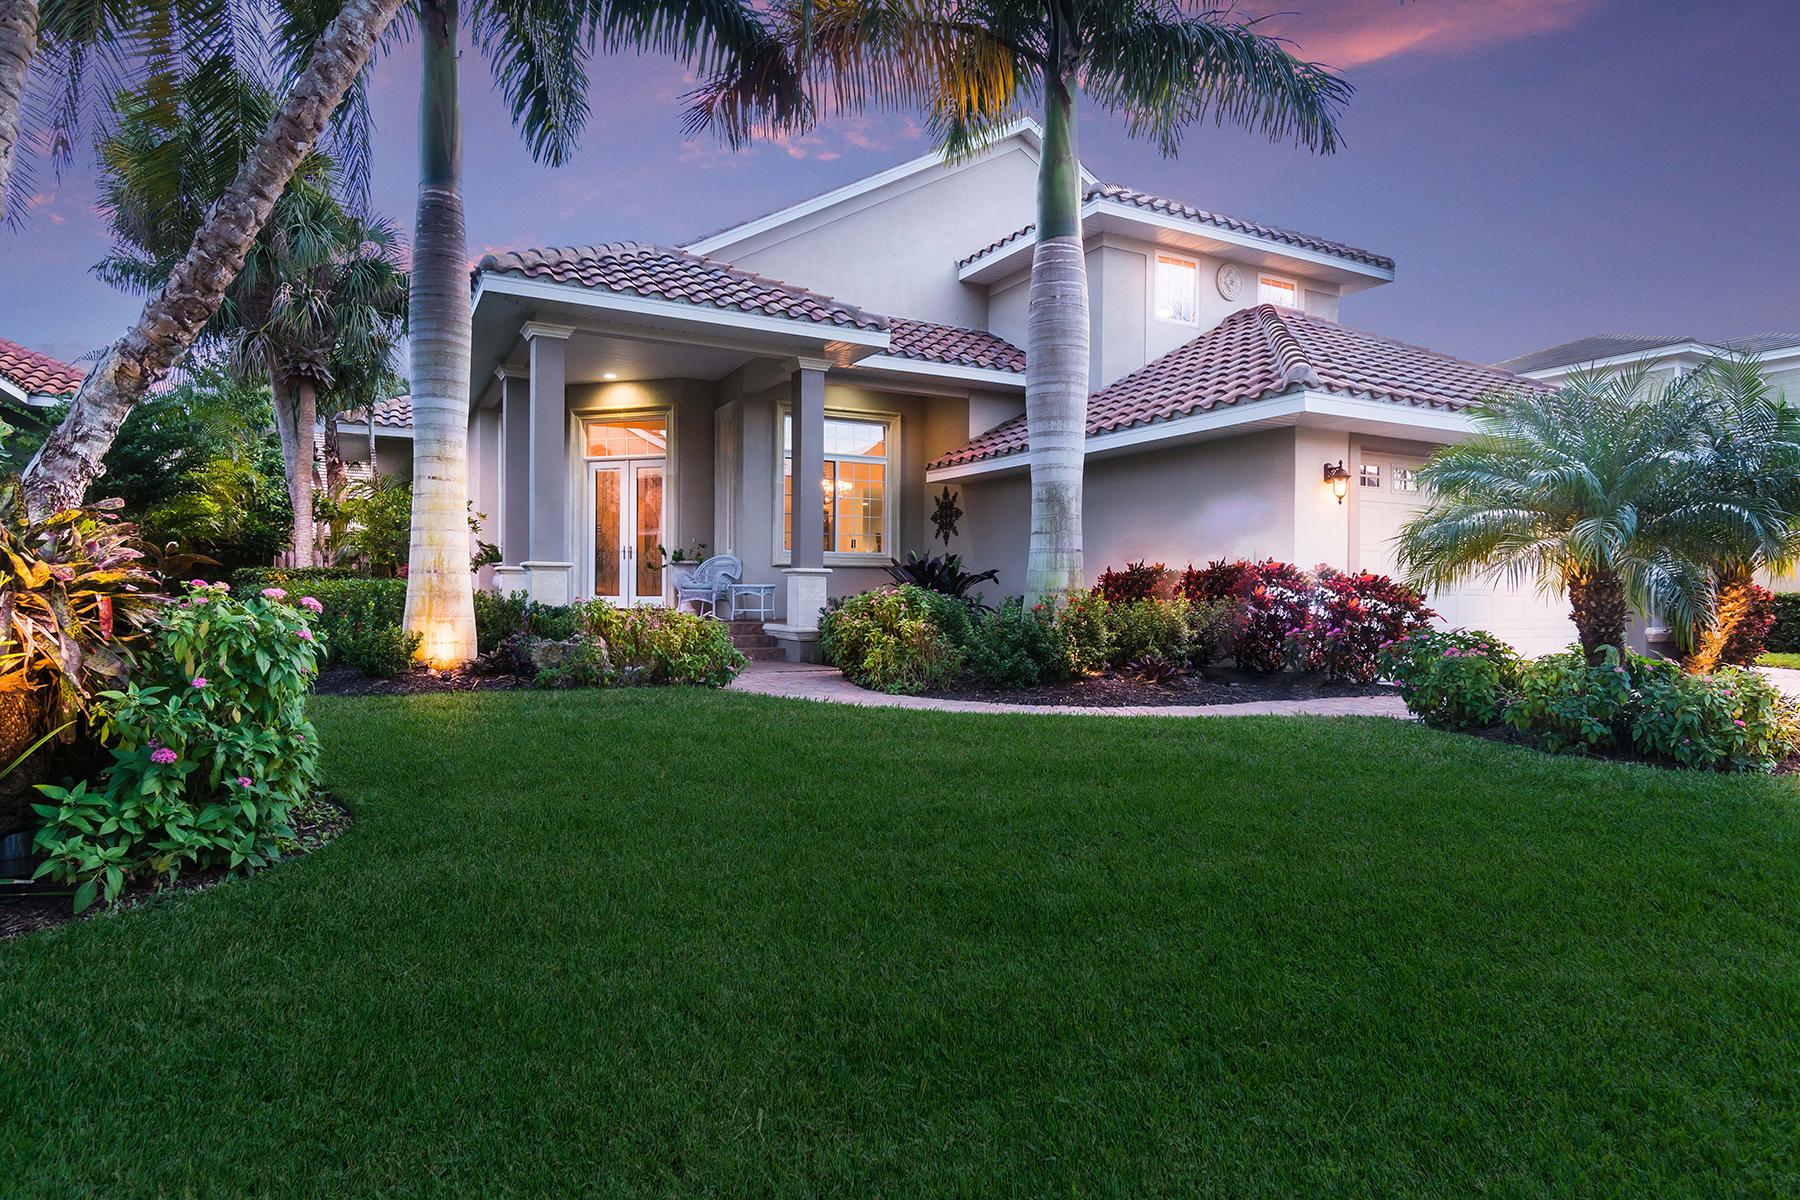 단독 가정 주택 용 매매 에 DESOTA PARK 1930 Datura St Sarasota, 플로리다, 34239 미국